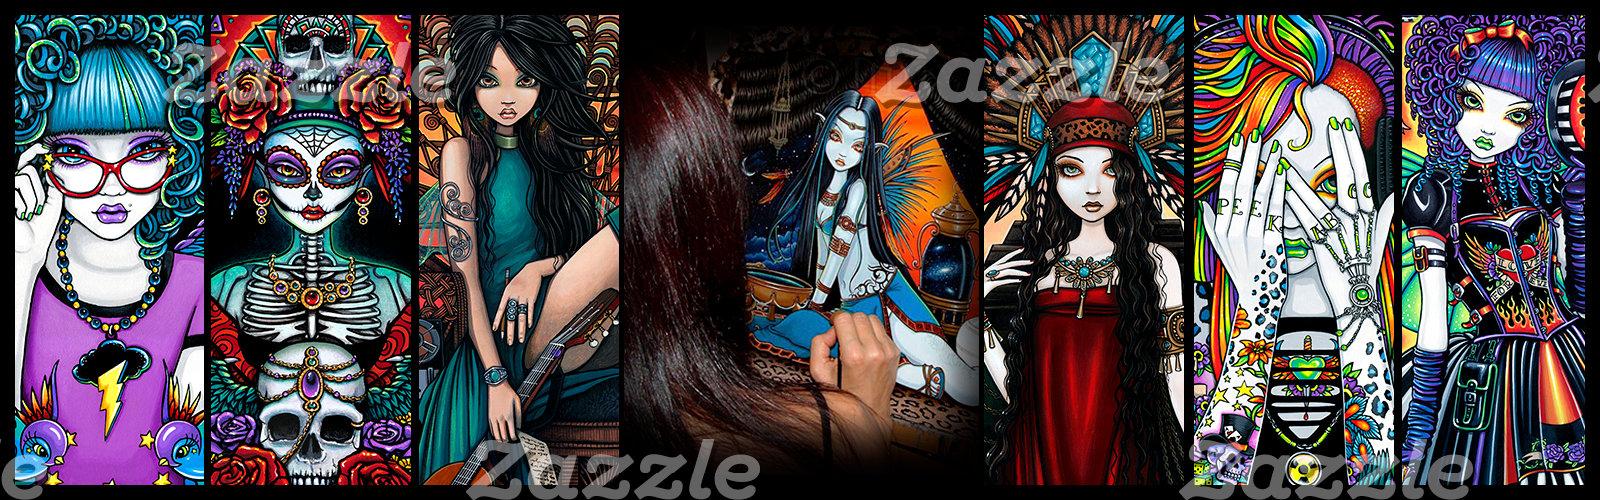 Myka Jelina Fantasy Art